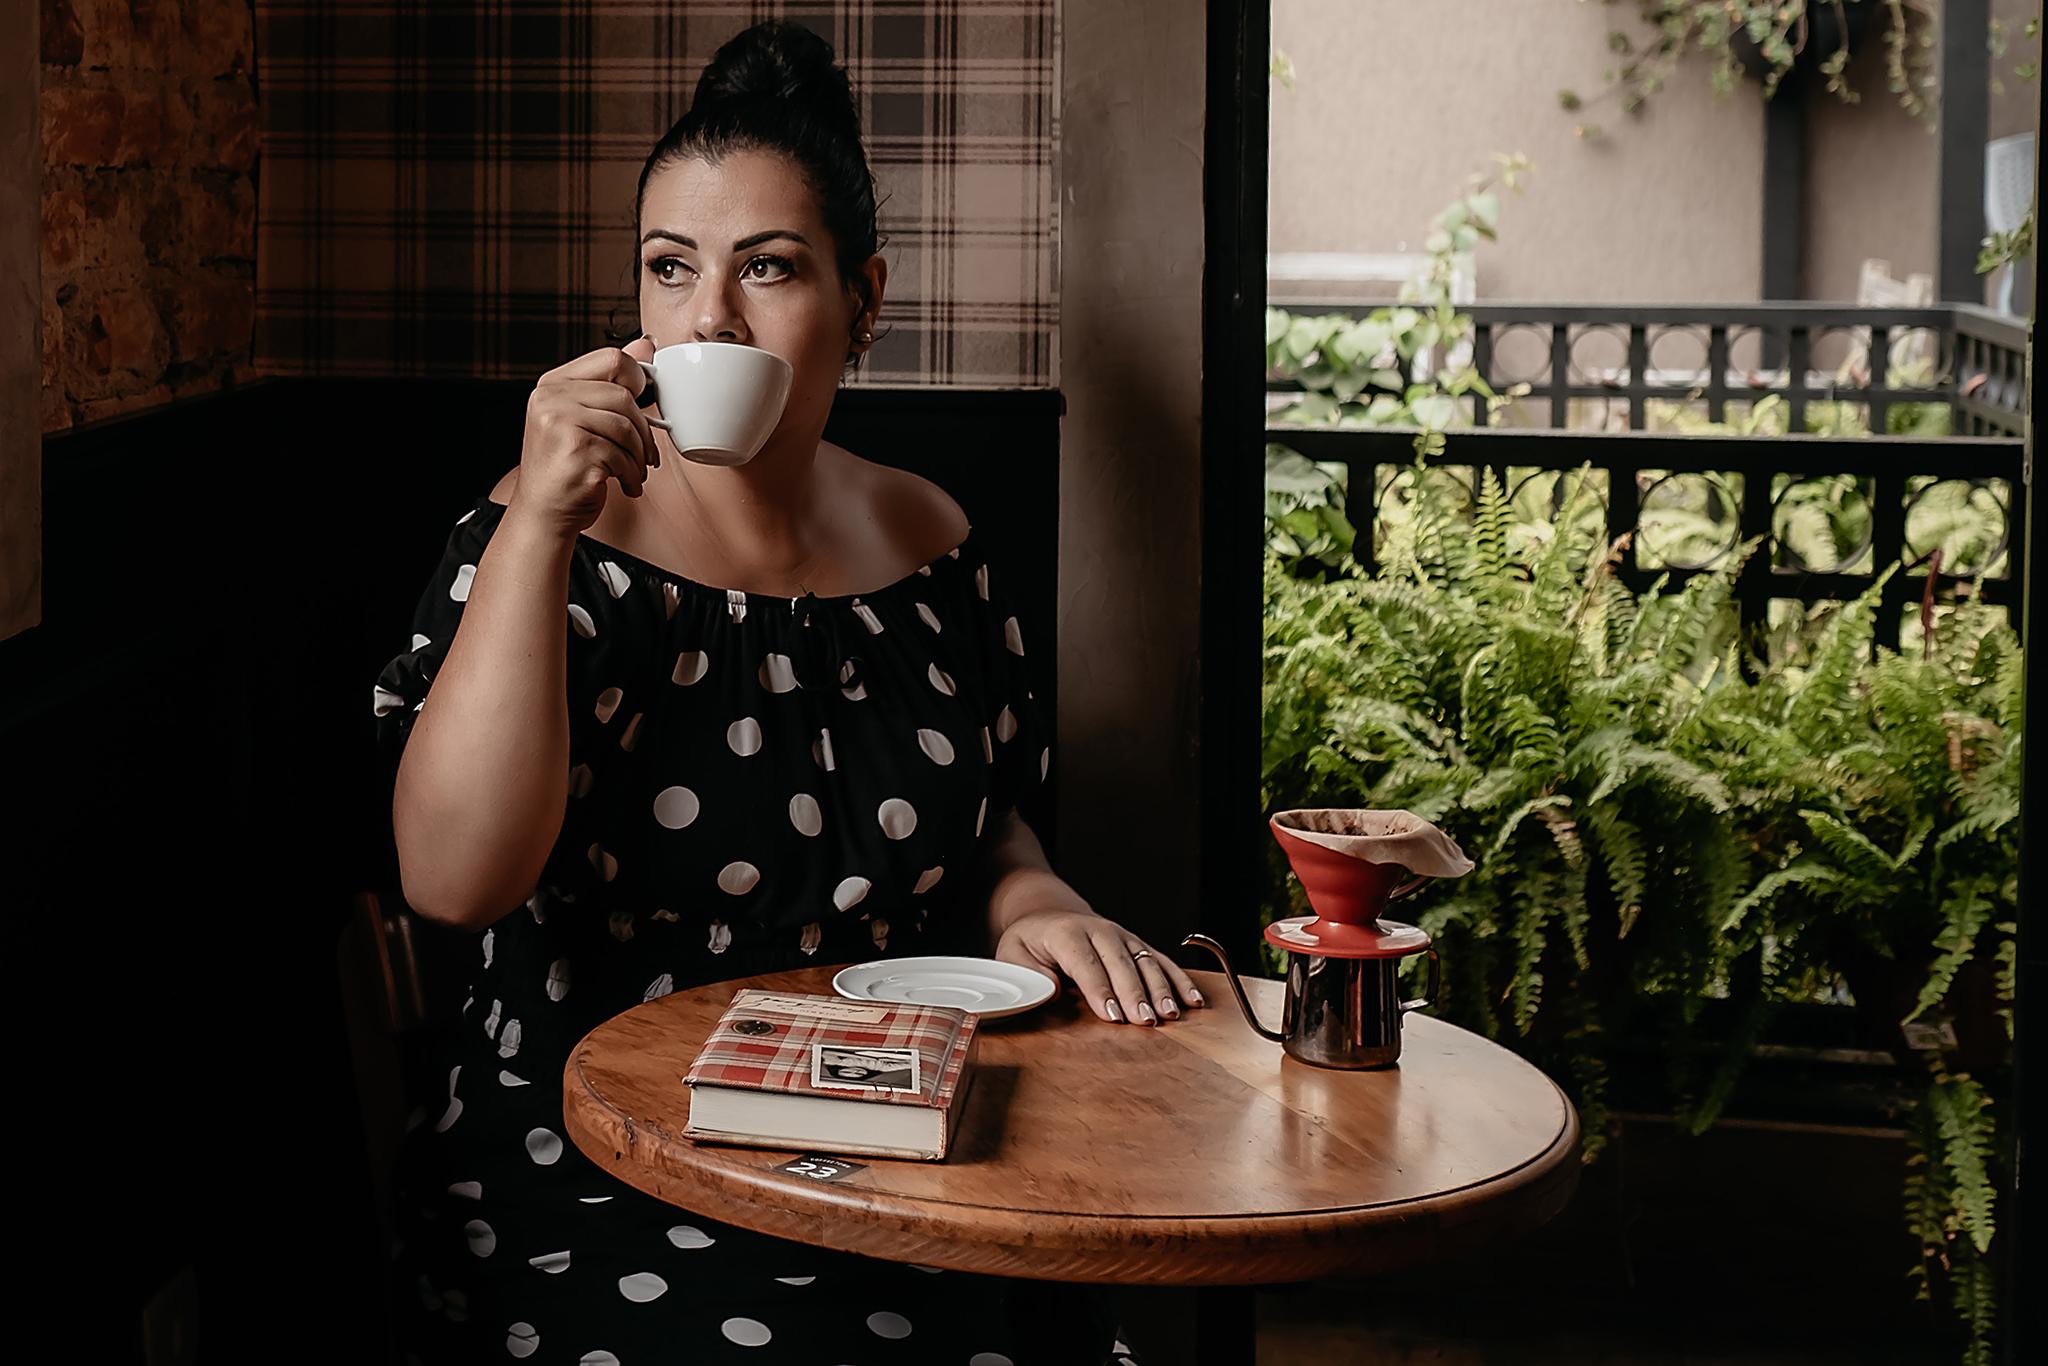 Contate Fotógrafa de Casamentos, Ensaios e Familias!  Fernanda Melo - São Paulo e Região.